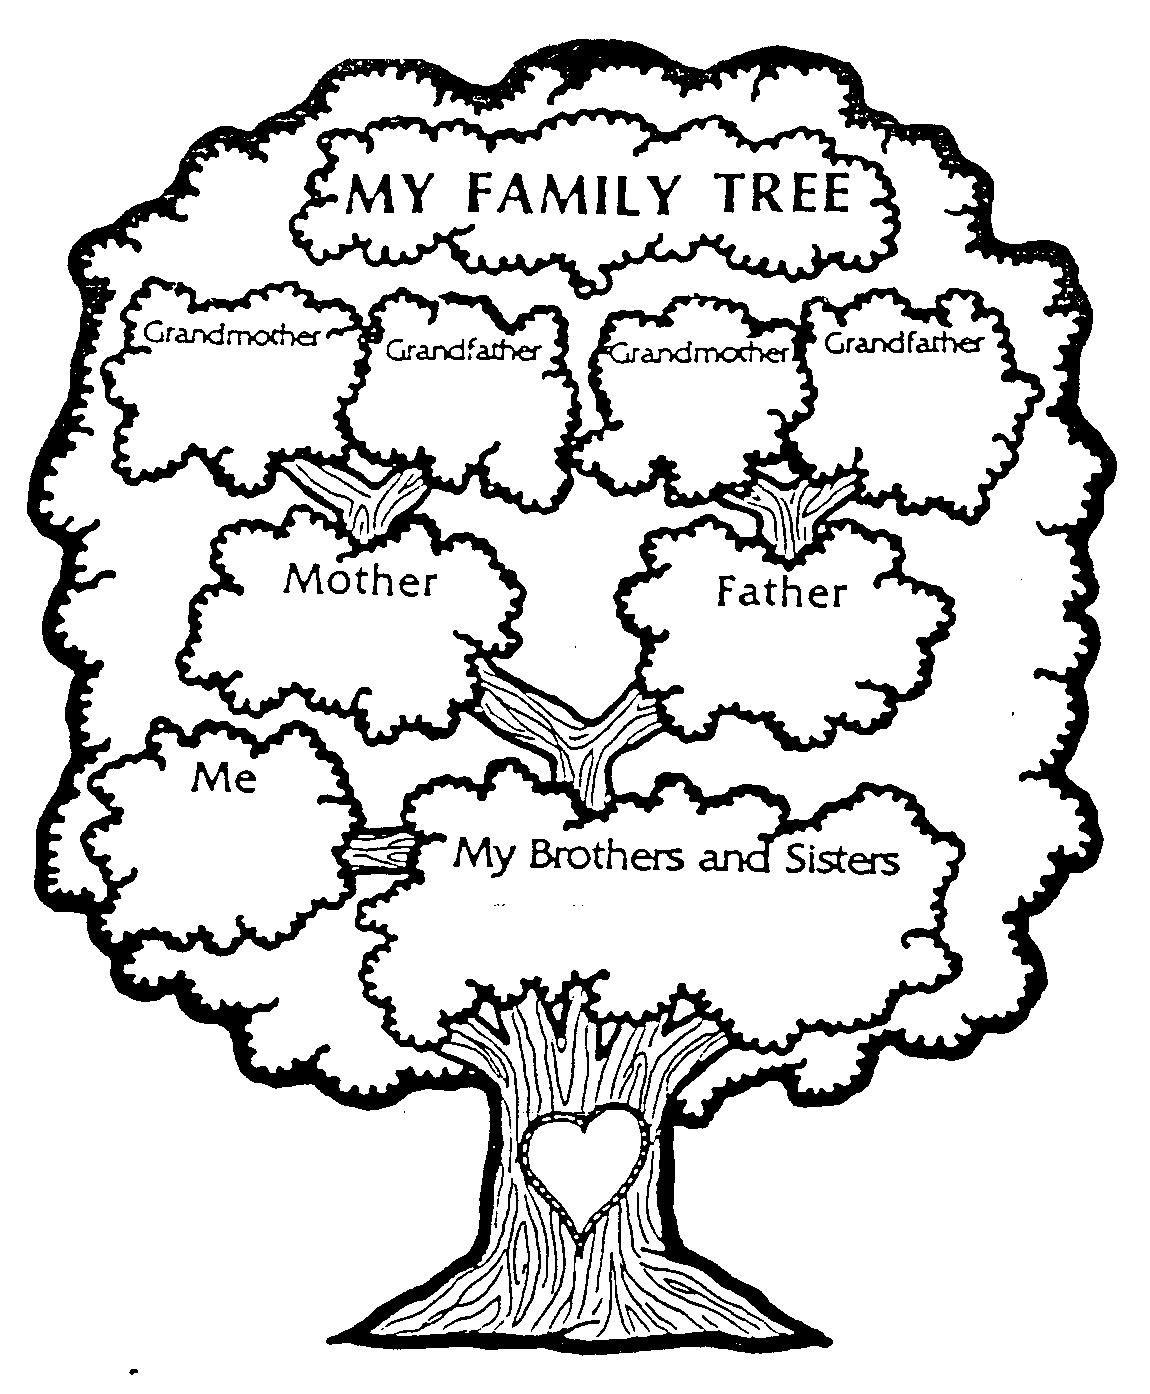 Freepages Genealogy Otswebcestry Archibald Pedigree Tree